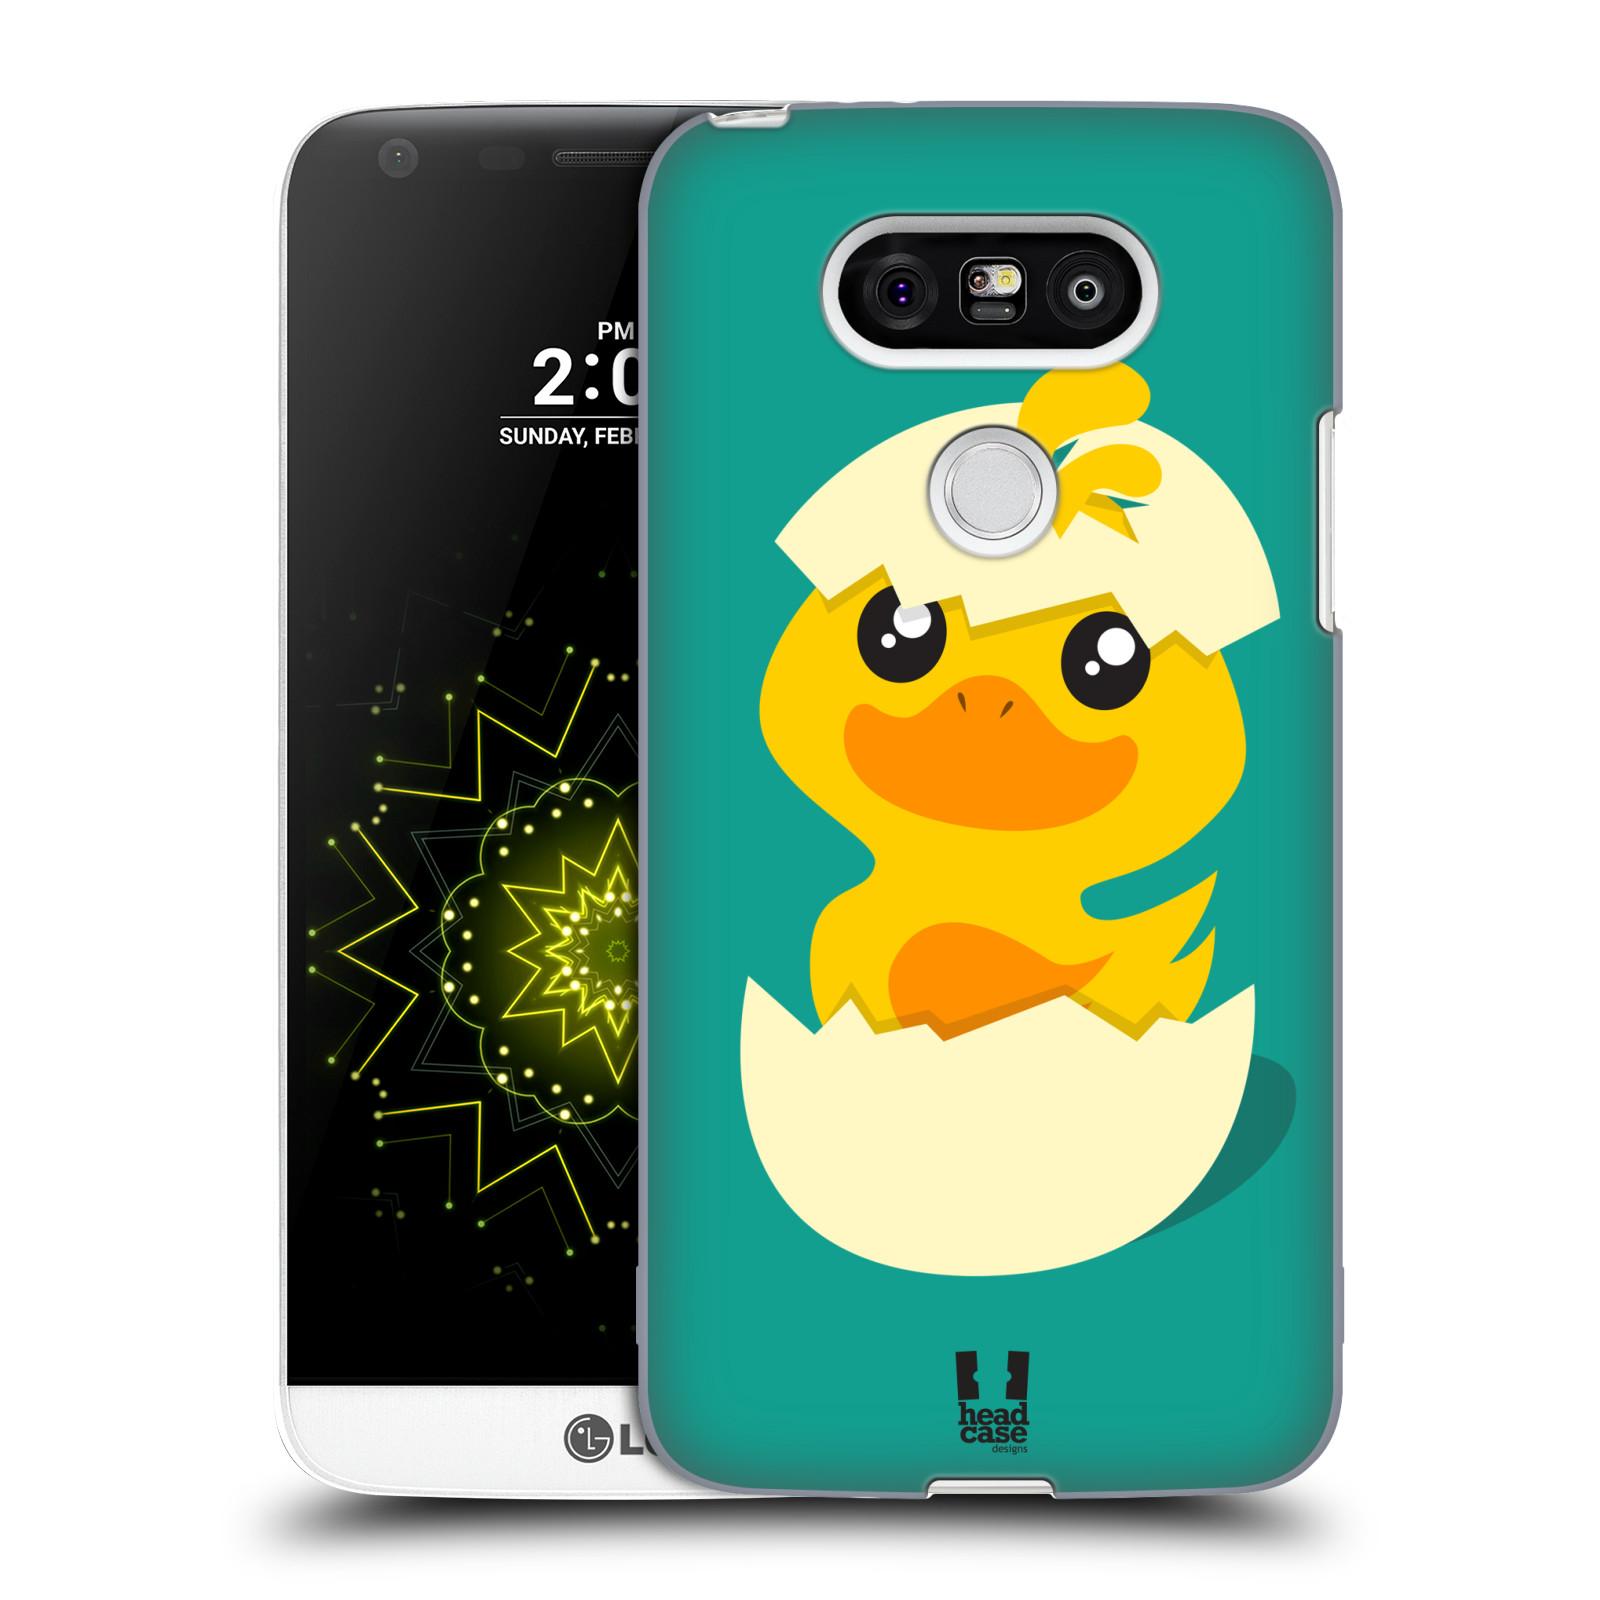 Plastové pouzdro na mobil LG G5 HEAD CASE KACHNIČKA Z VAJÍČKA (Kryt či obal na mobilní telefon LG G5 H850)